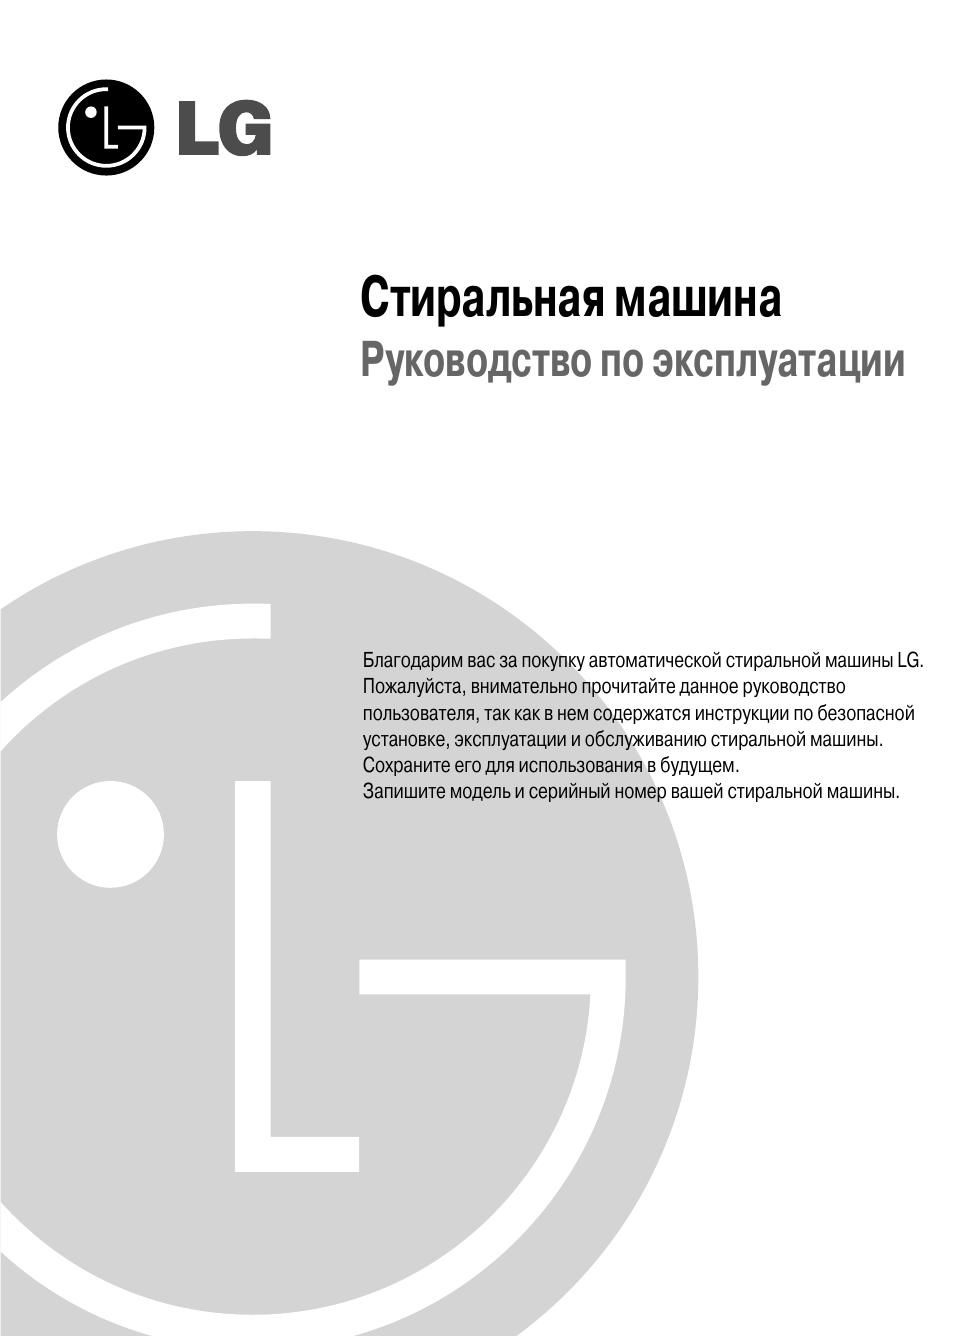 инструкция стиральной машины lg wd 801 60nup